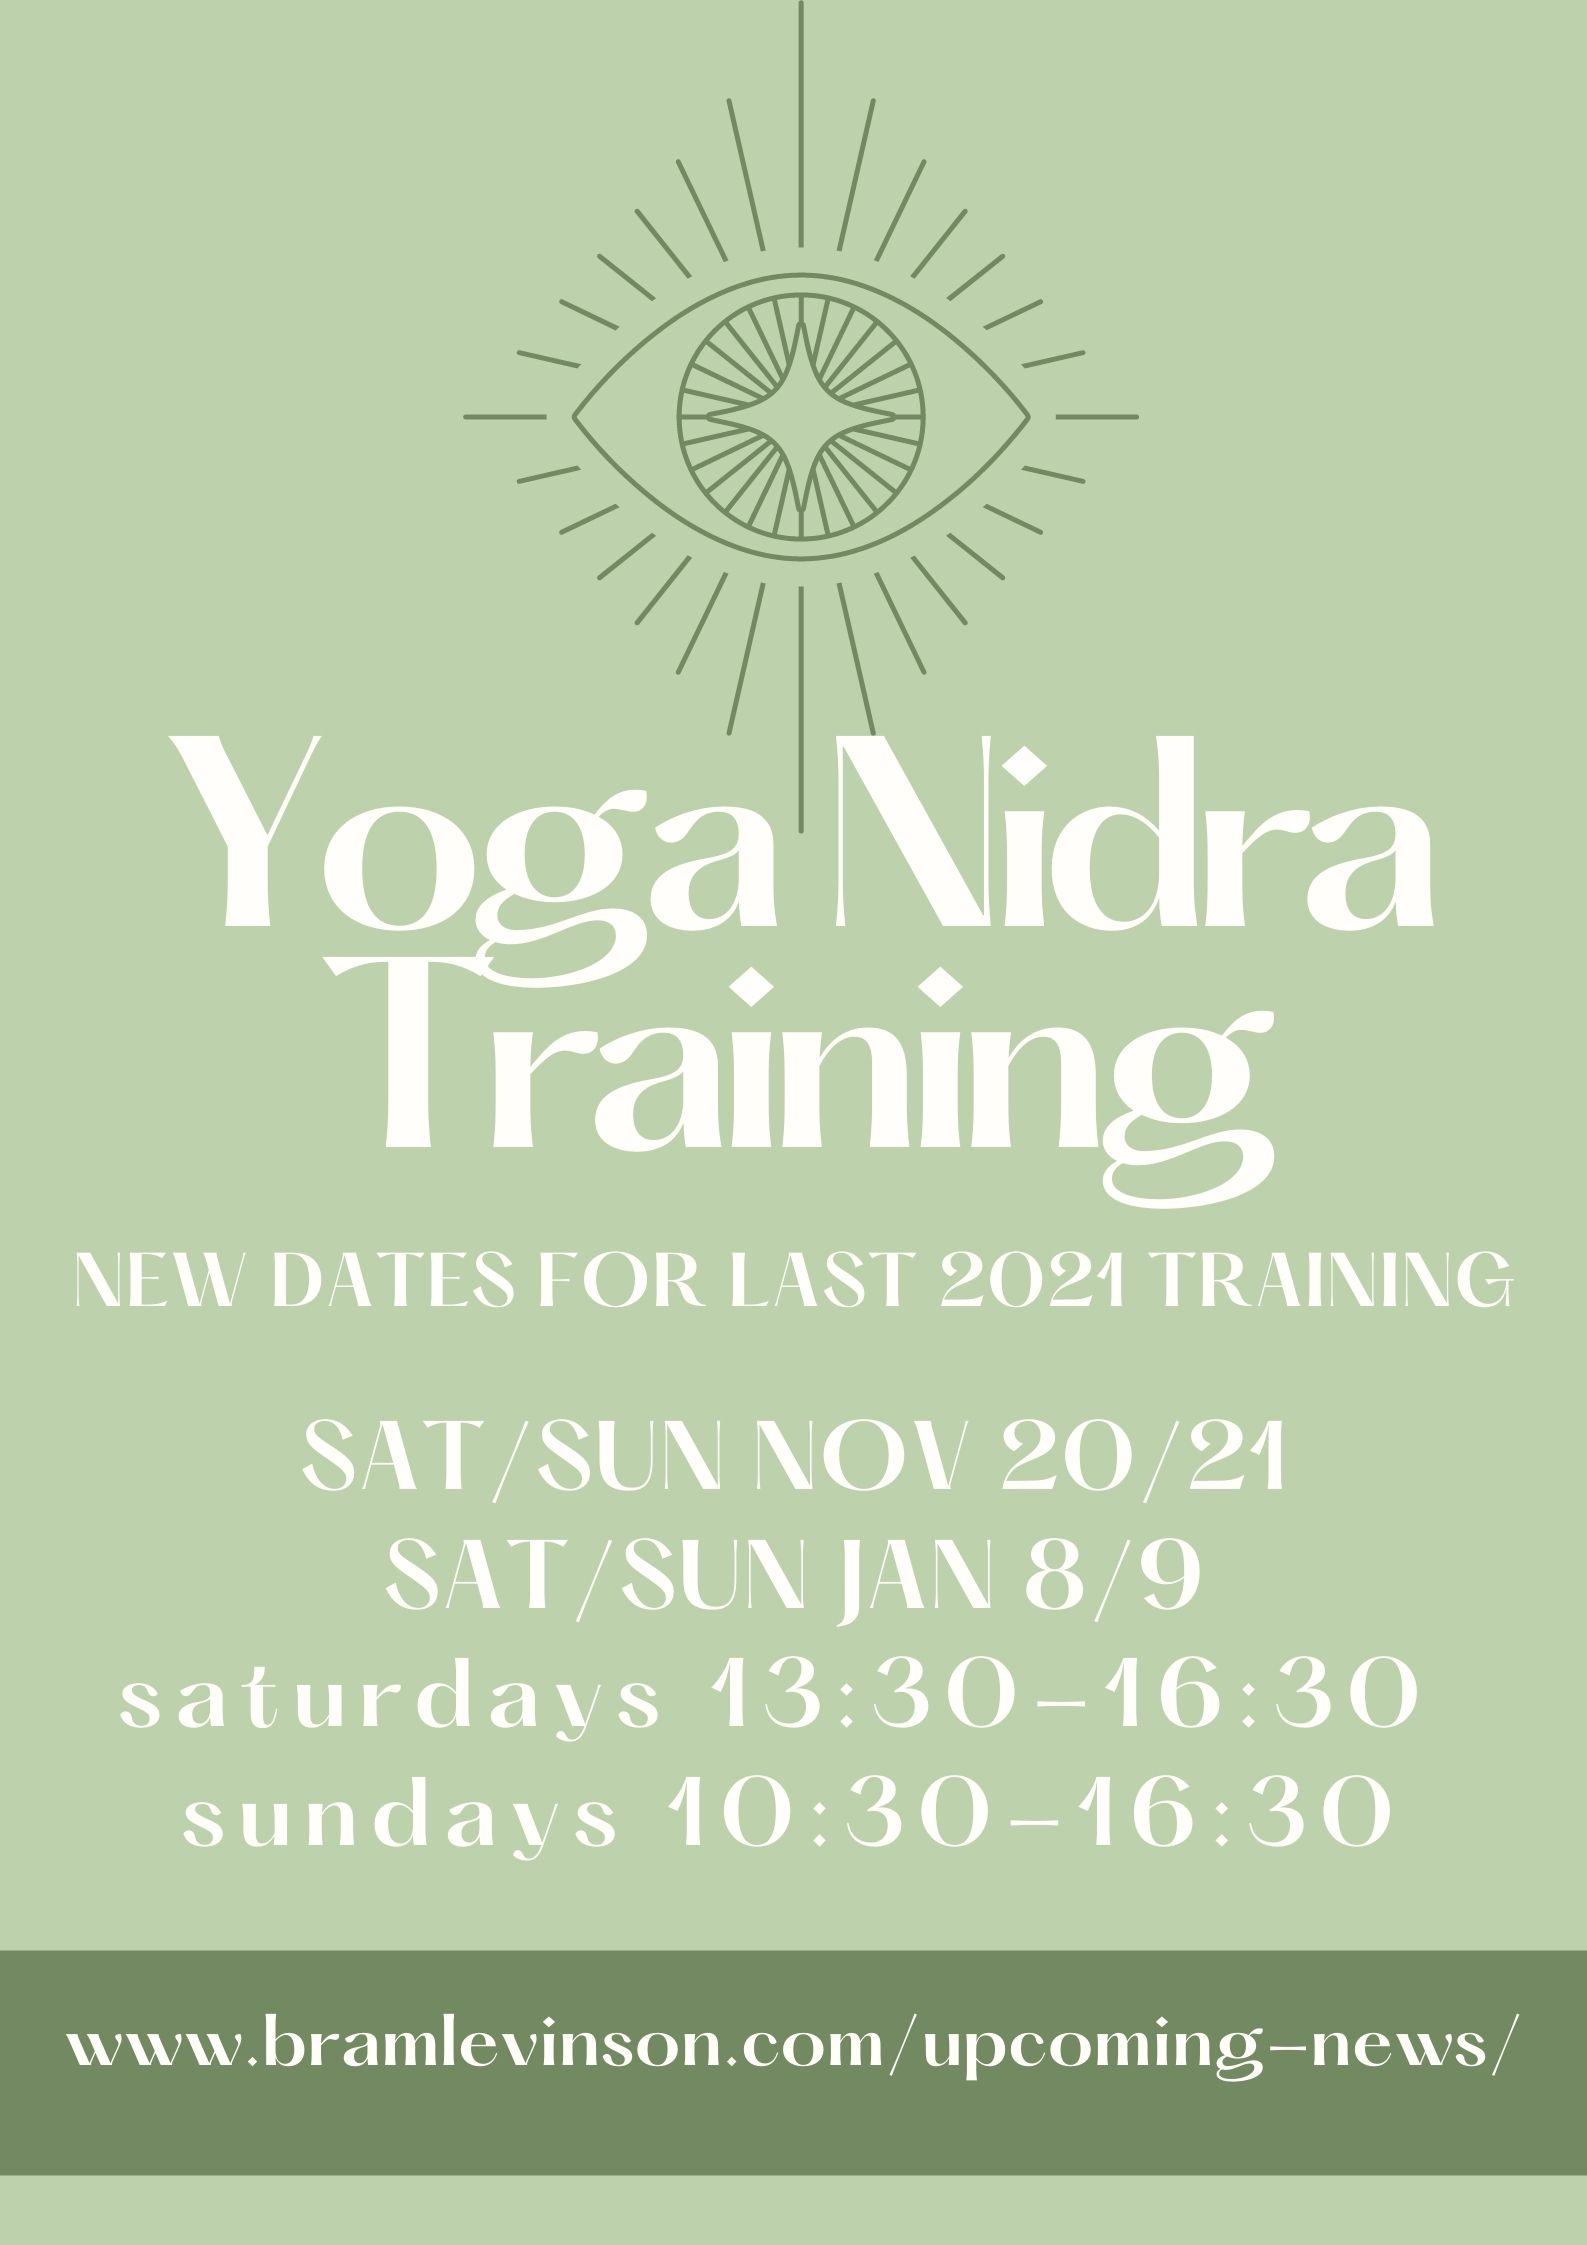 Green Eye Meditation Yoga Health Flyer (1)